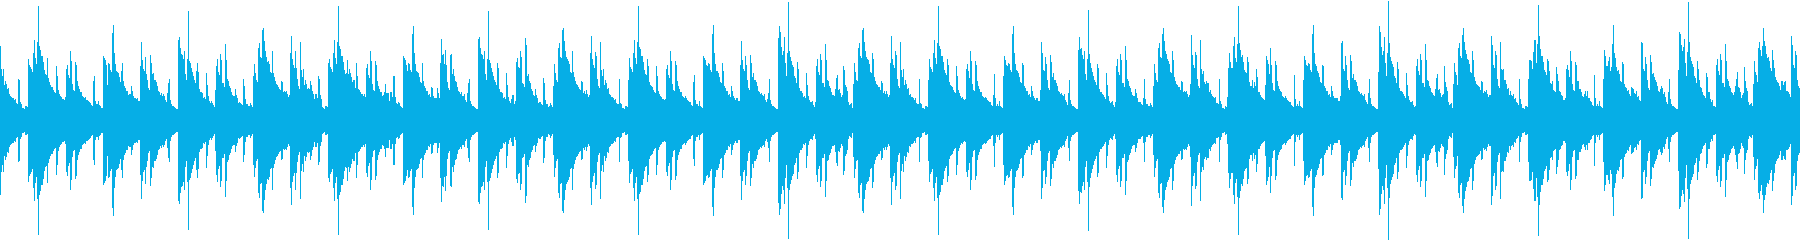 スローテンポなラップBGM ループの再生済みの波形